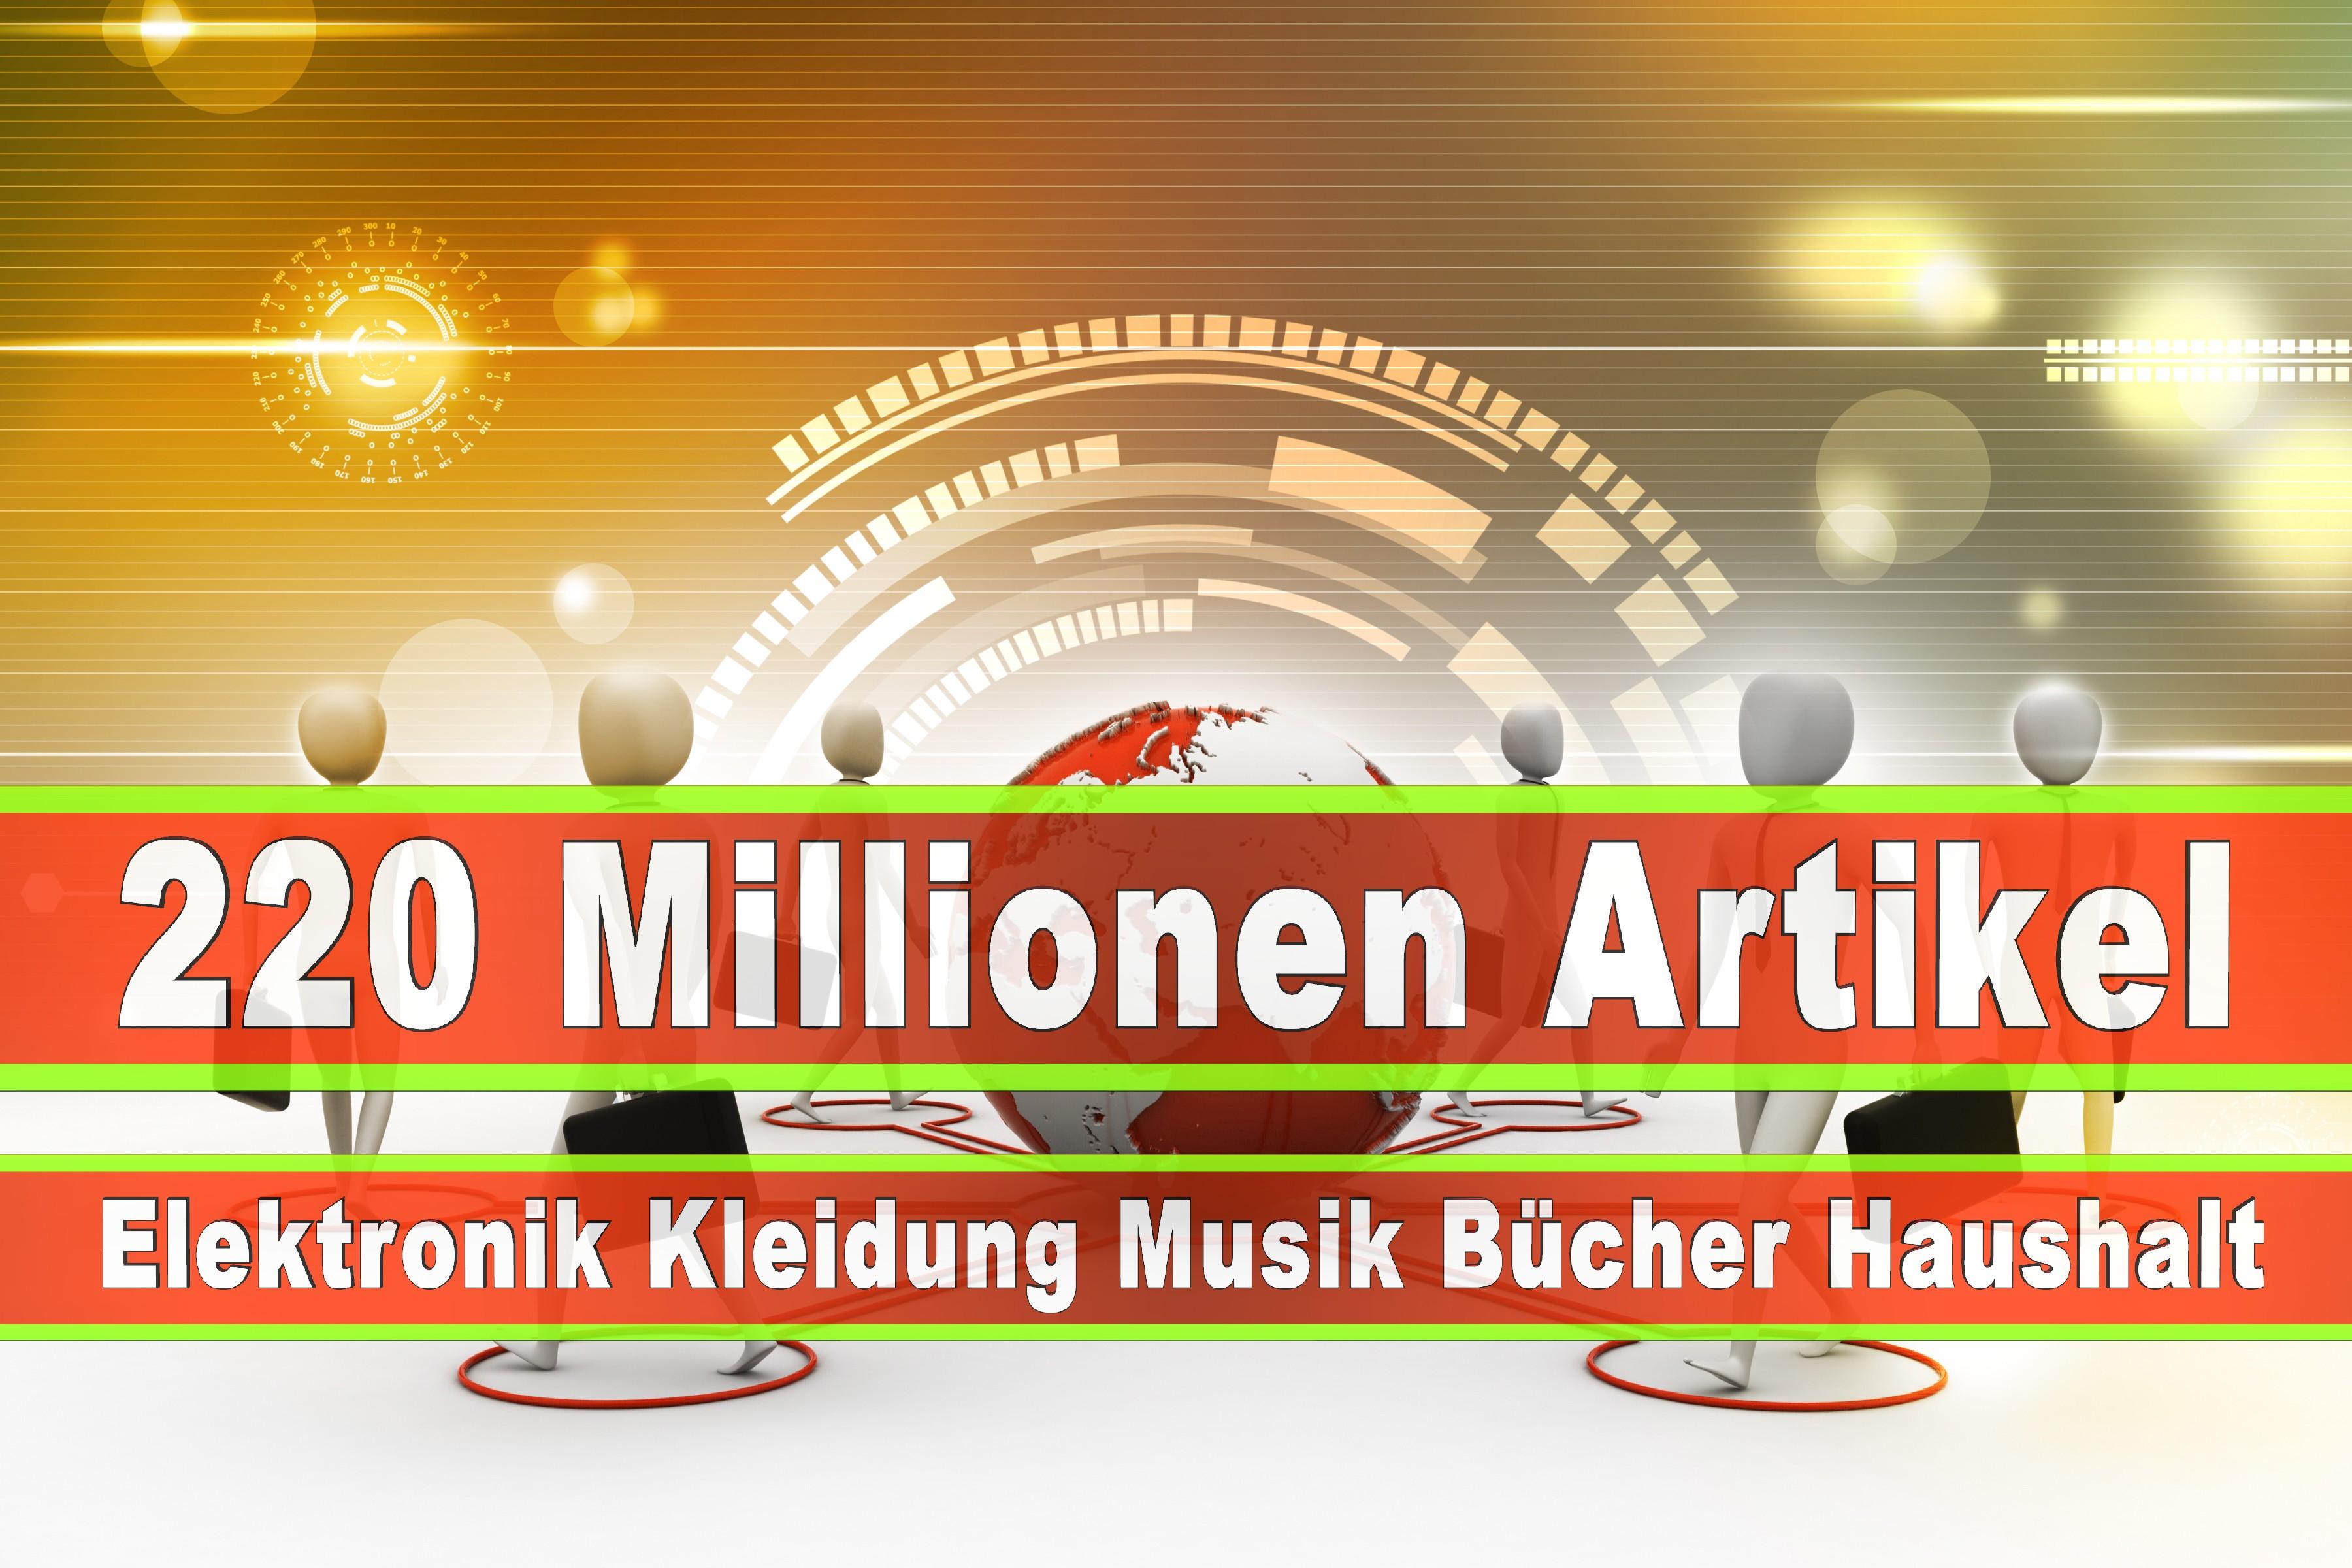 Amazon Elektronik Musik Haushalt Bücher CD DVD Handys Smartphones TV Television Fernseher Kleidung Mode Ebay (24)